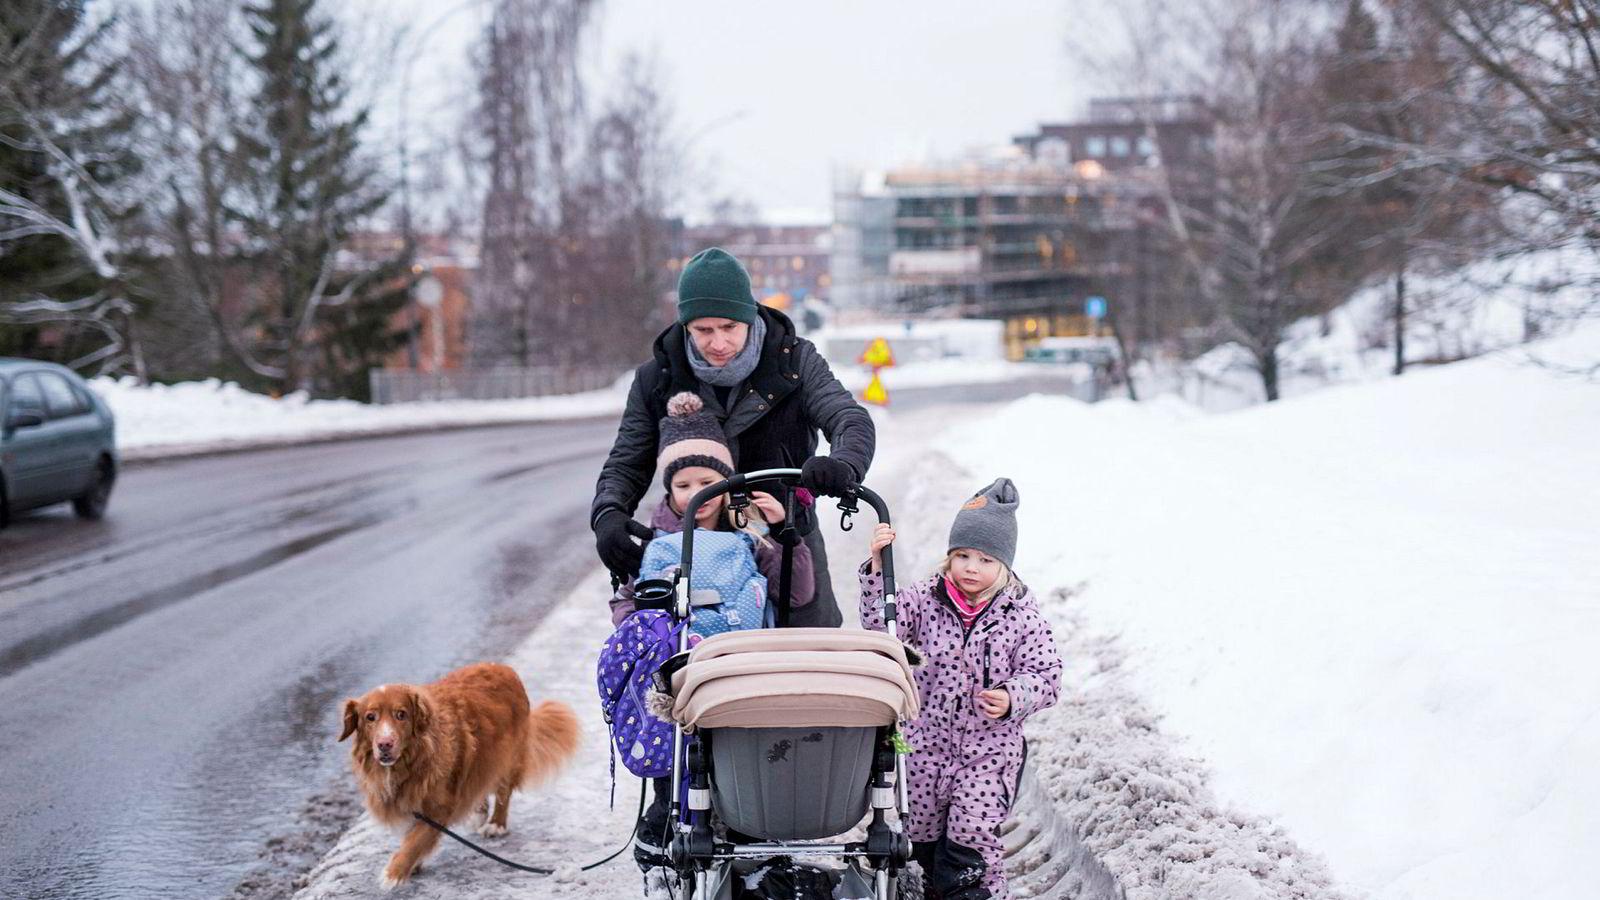 Trebarnsfar og pappablogger Ole Morten Knudsen har pappaperm og er hjemme med sønnen Frans (1) mens døtrene Thelma (6) og Ellie (4) skal på skole og i barnehage. Hunden Julius (10) følger med.